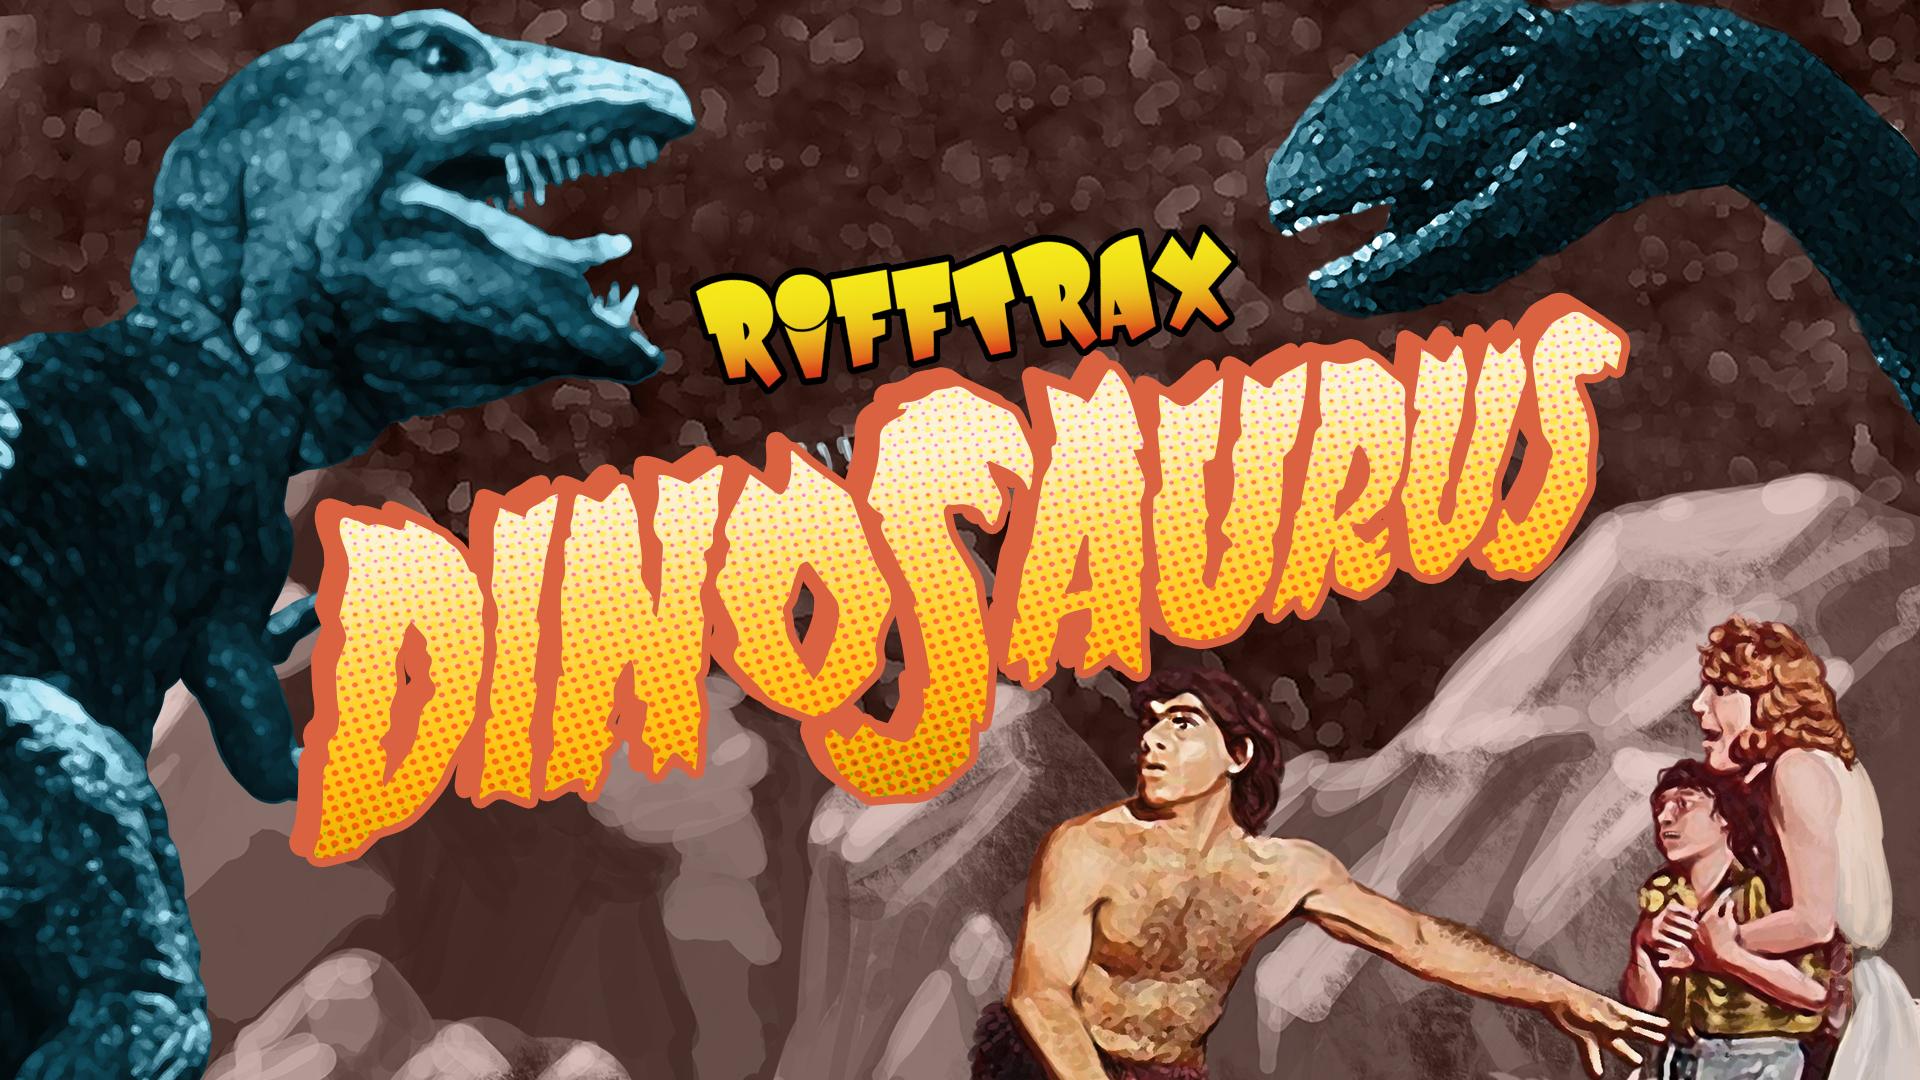 RiffTrax: Dinosaurus